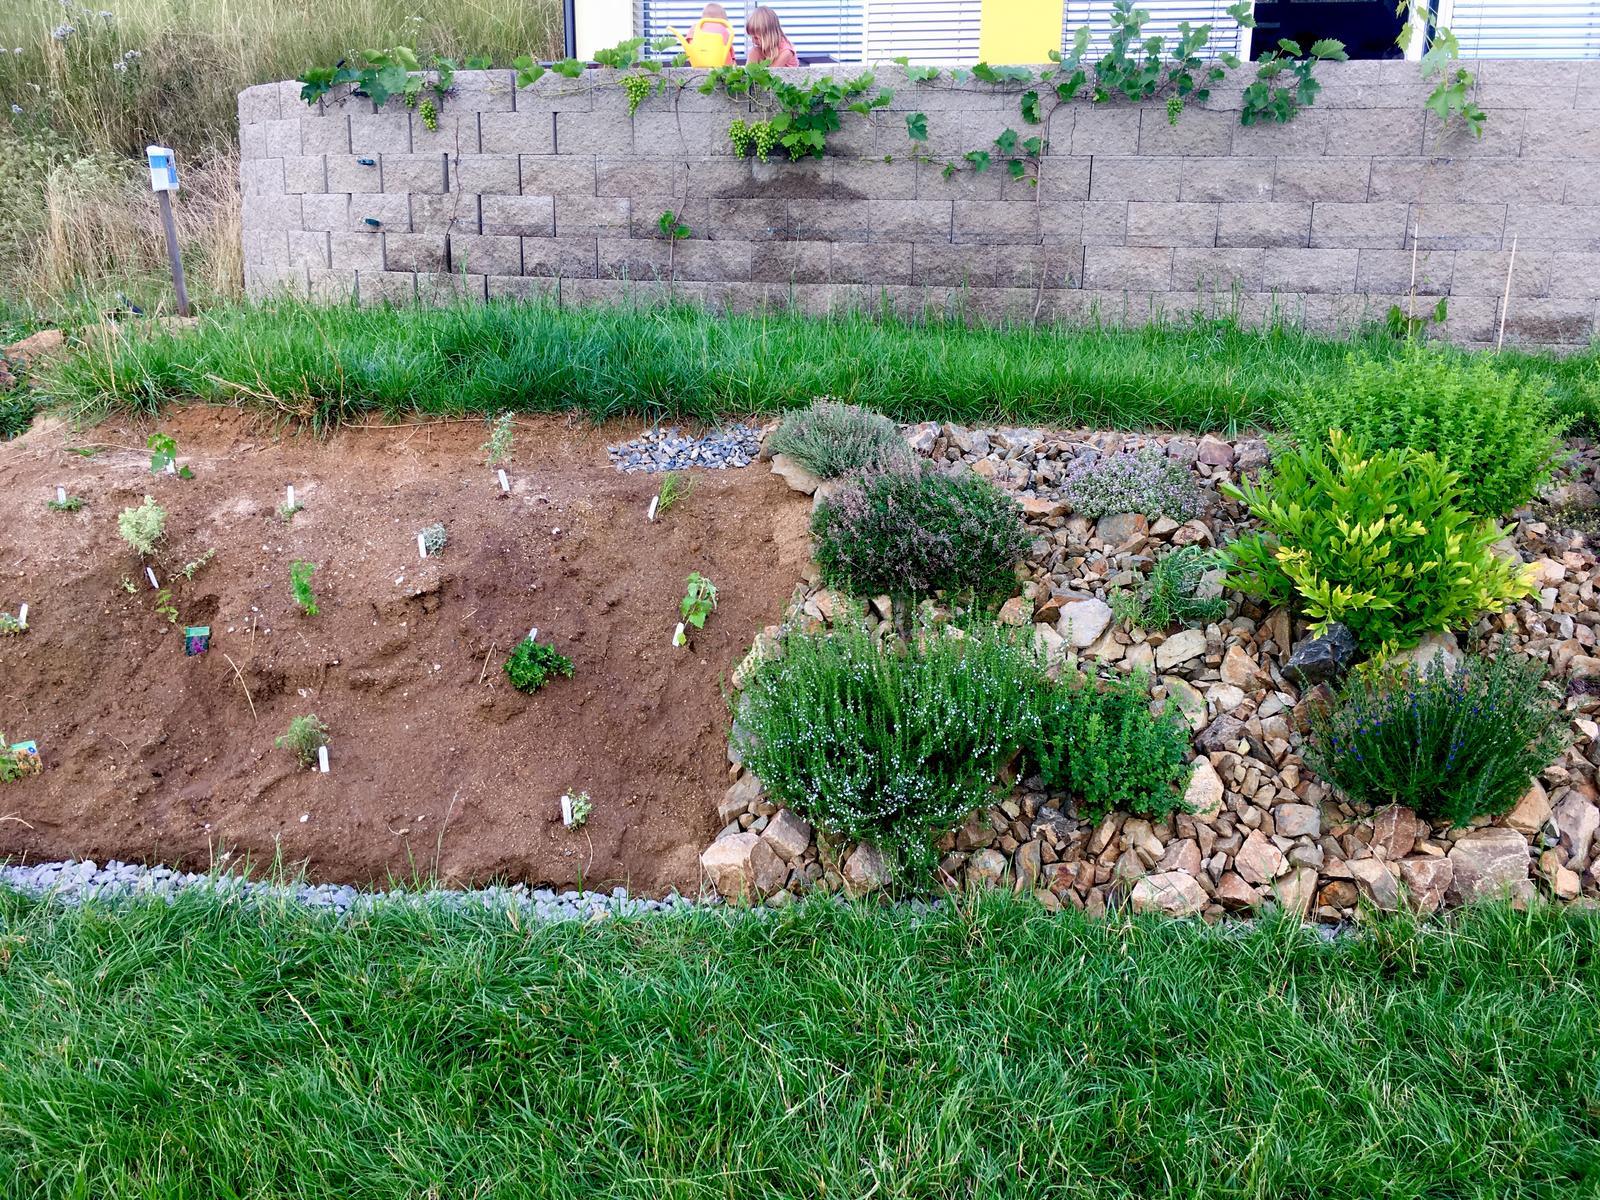 Fáze druhá ... zahrada - Červenec 2019 - nebyl to záměr, ale při dodělávání bylinkové skalky vzniklo porovnání před (vlevo, sázím teď) a po (vpravo, osázeno loni)